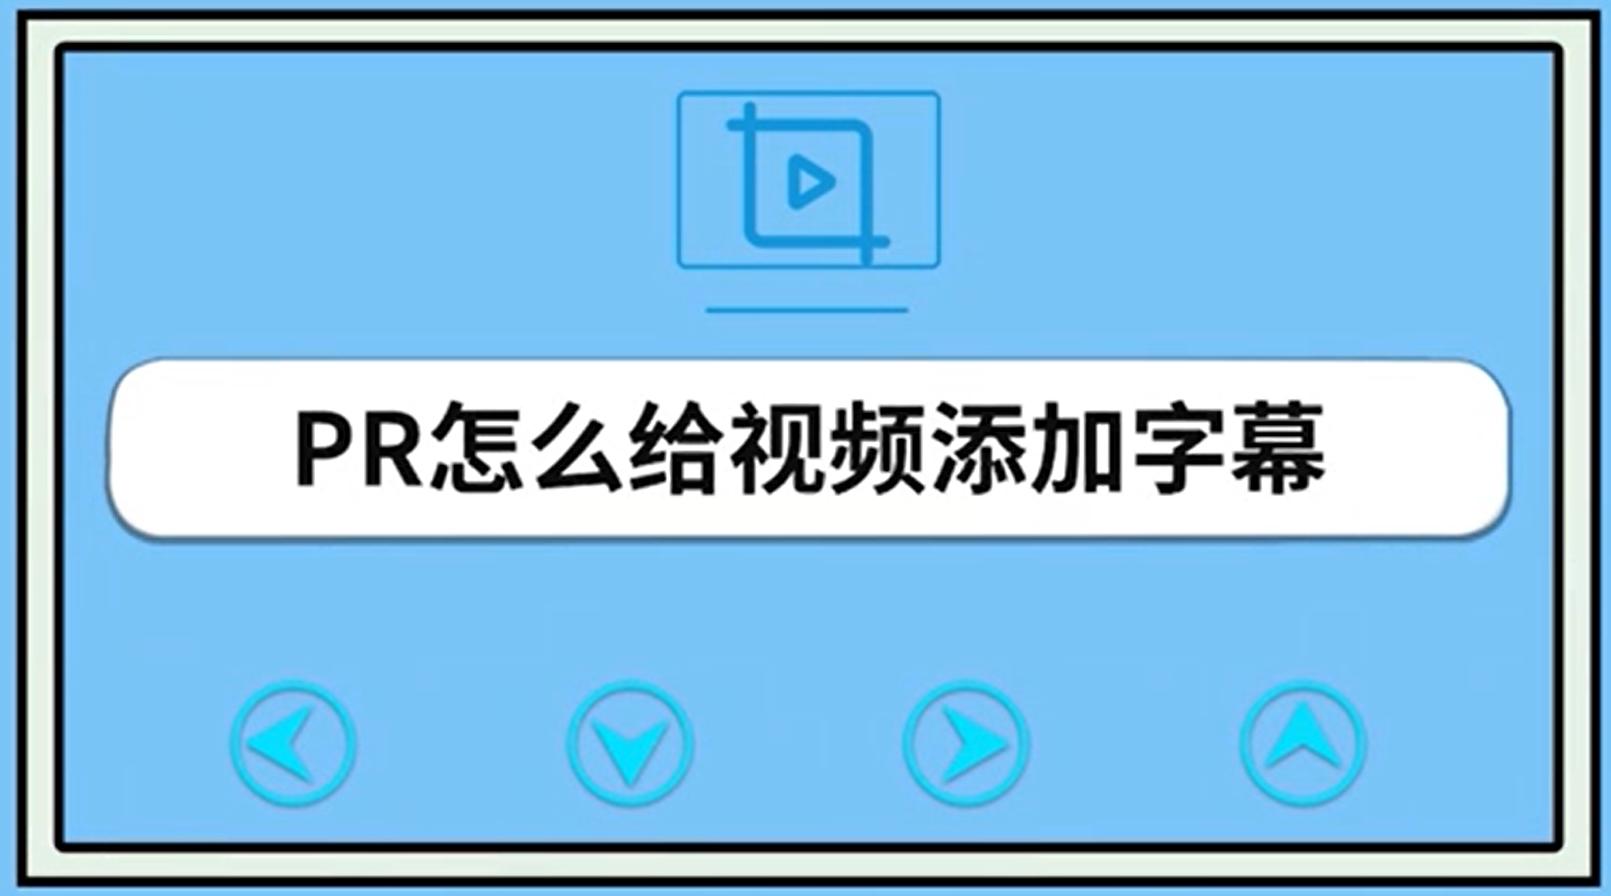 pr加字幕-pr加字幕的方法